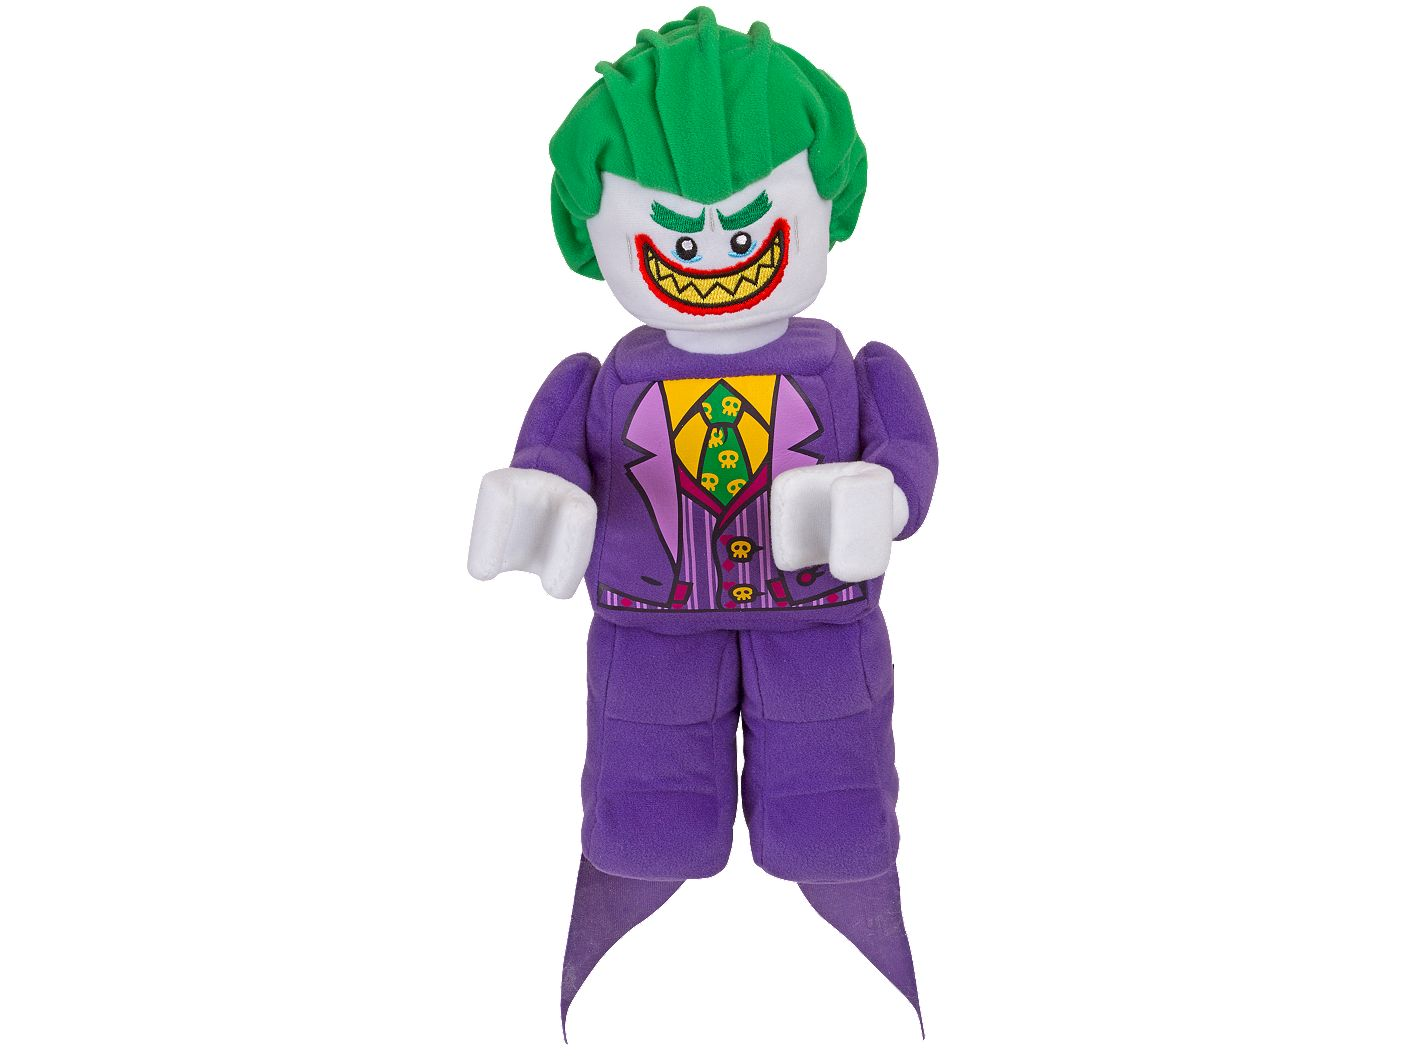 THE LEGO® BATMAN MOVIE – The Joker™ Luxus-Minifigur